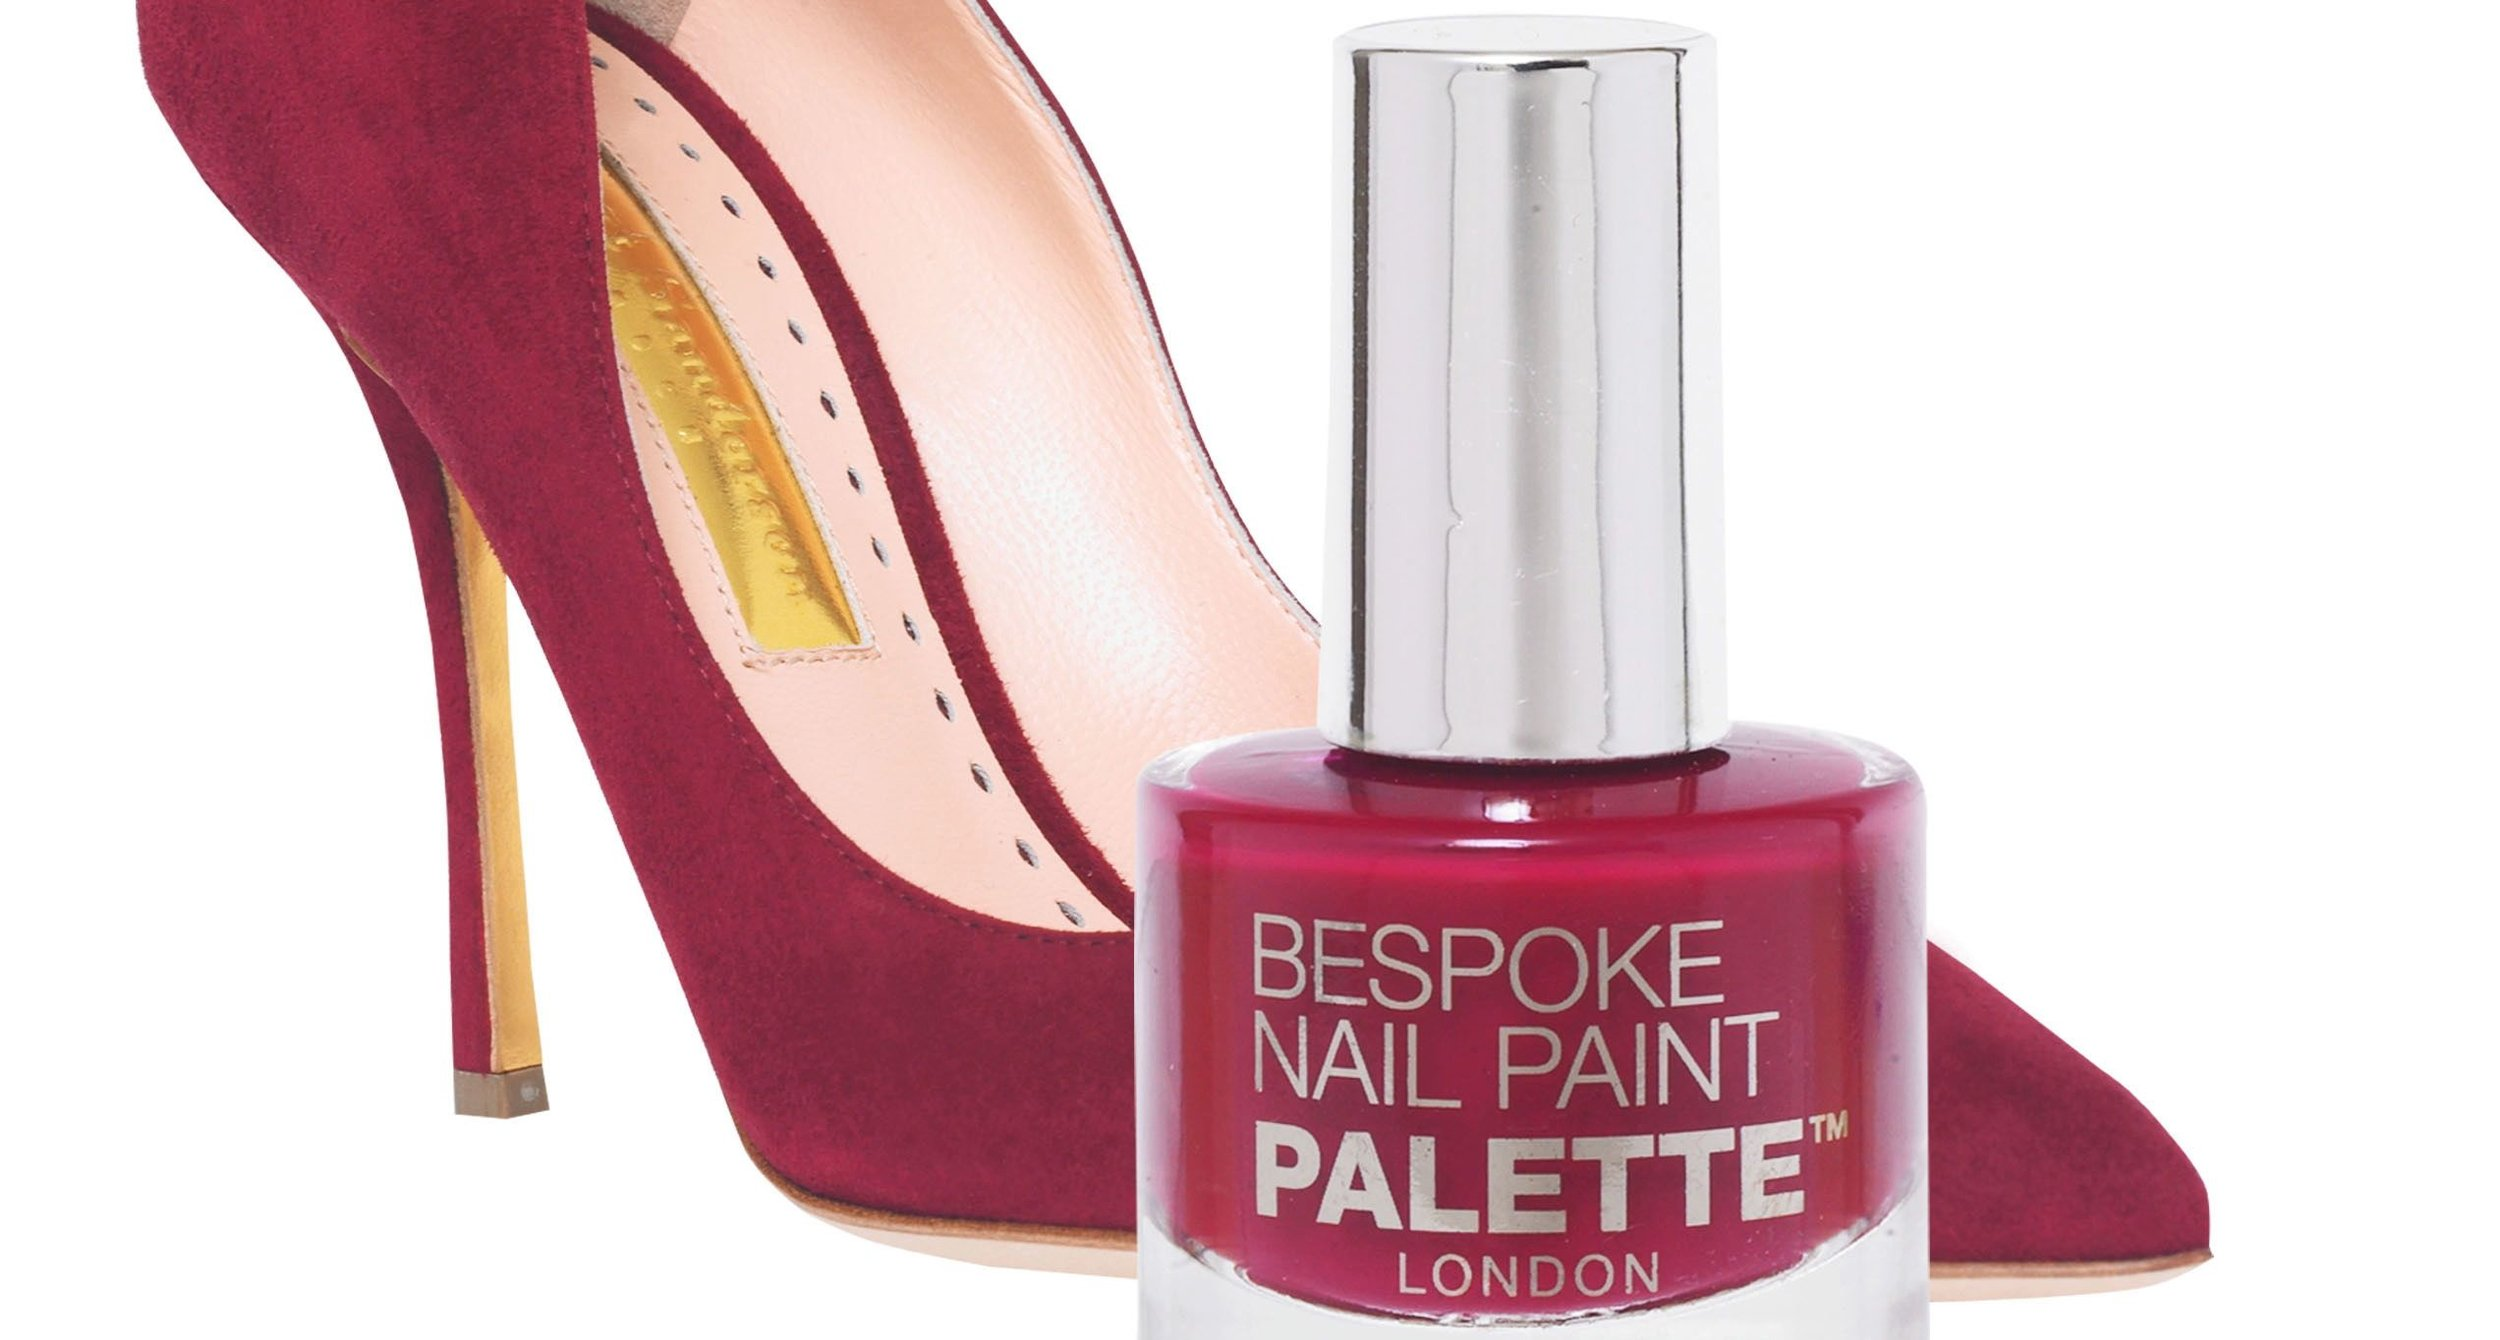 Bespoke-Nail-Paint.jpg